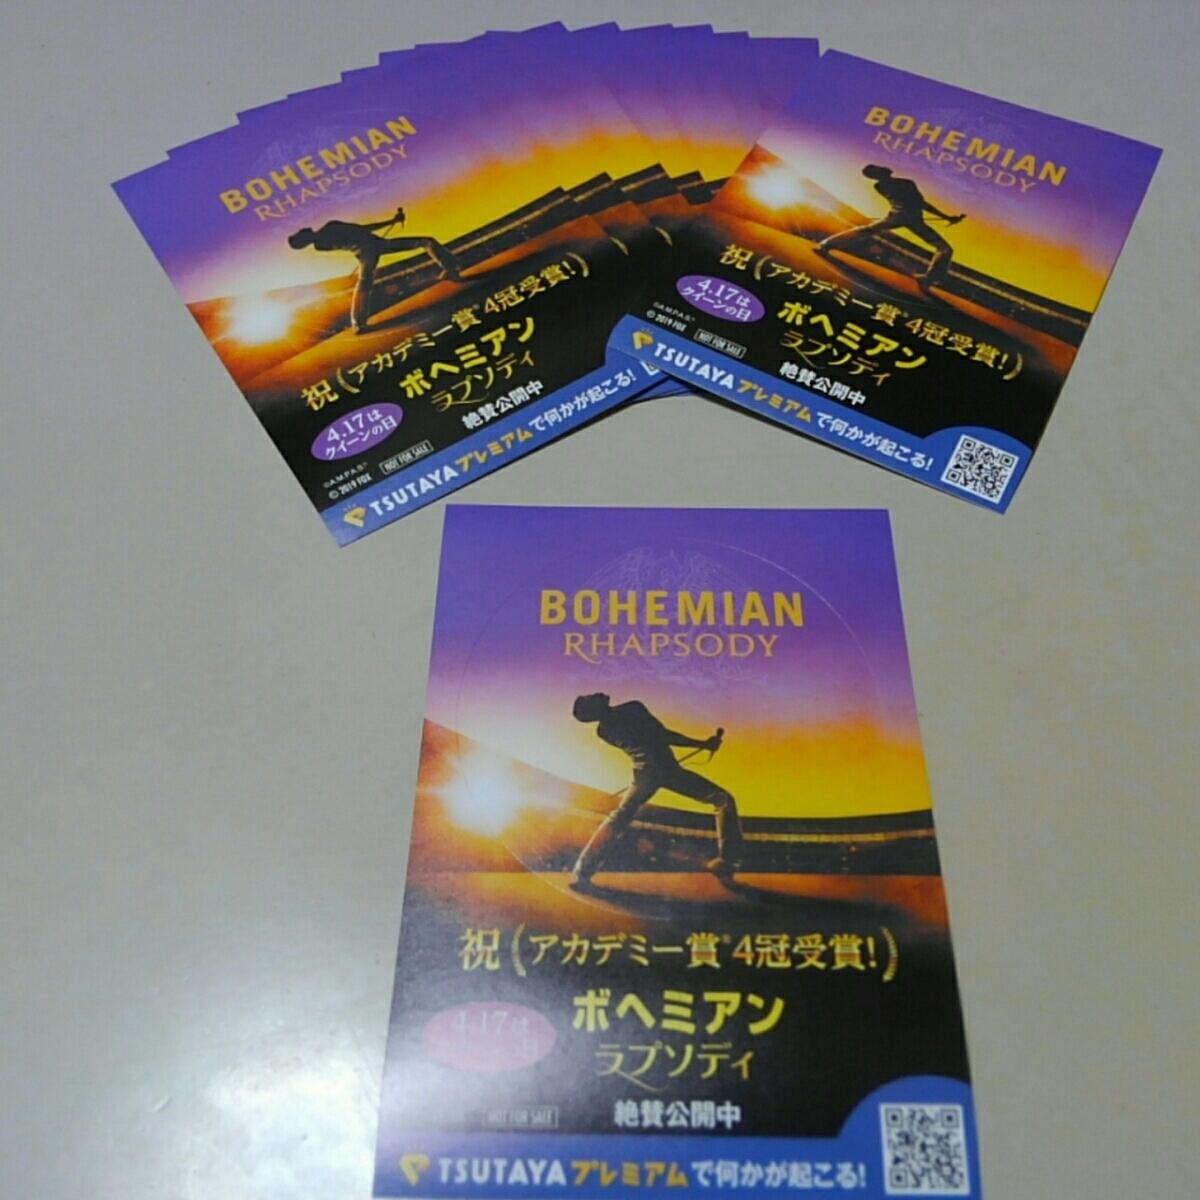 即決 映画 ボヘミアン ラプソディ シール 10枚セット 非売品 ステッカー ノベルティ グッズ クイーン QUEEN BOHEMIAN RHAPSODY 販促品 洋楽_シール(ステッカー)です。10枚セットです。